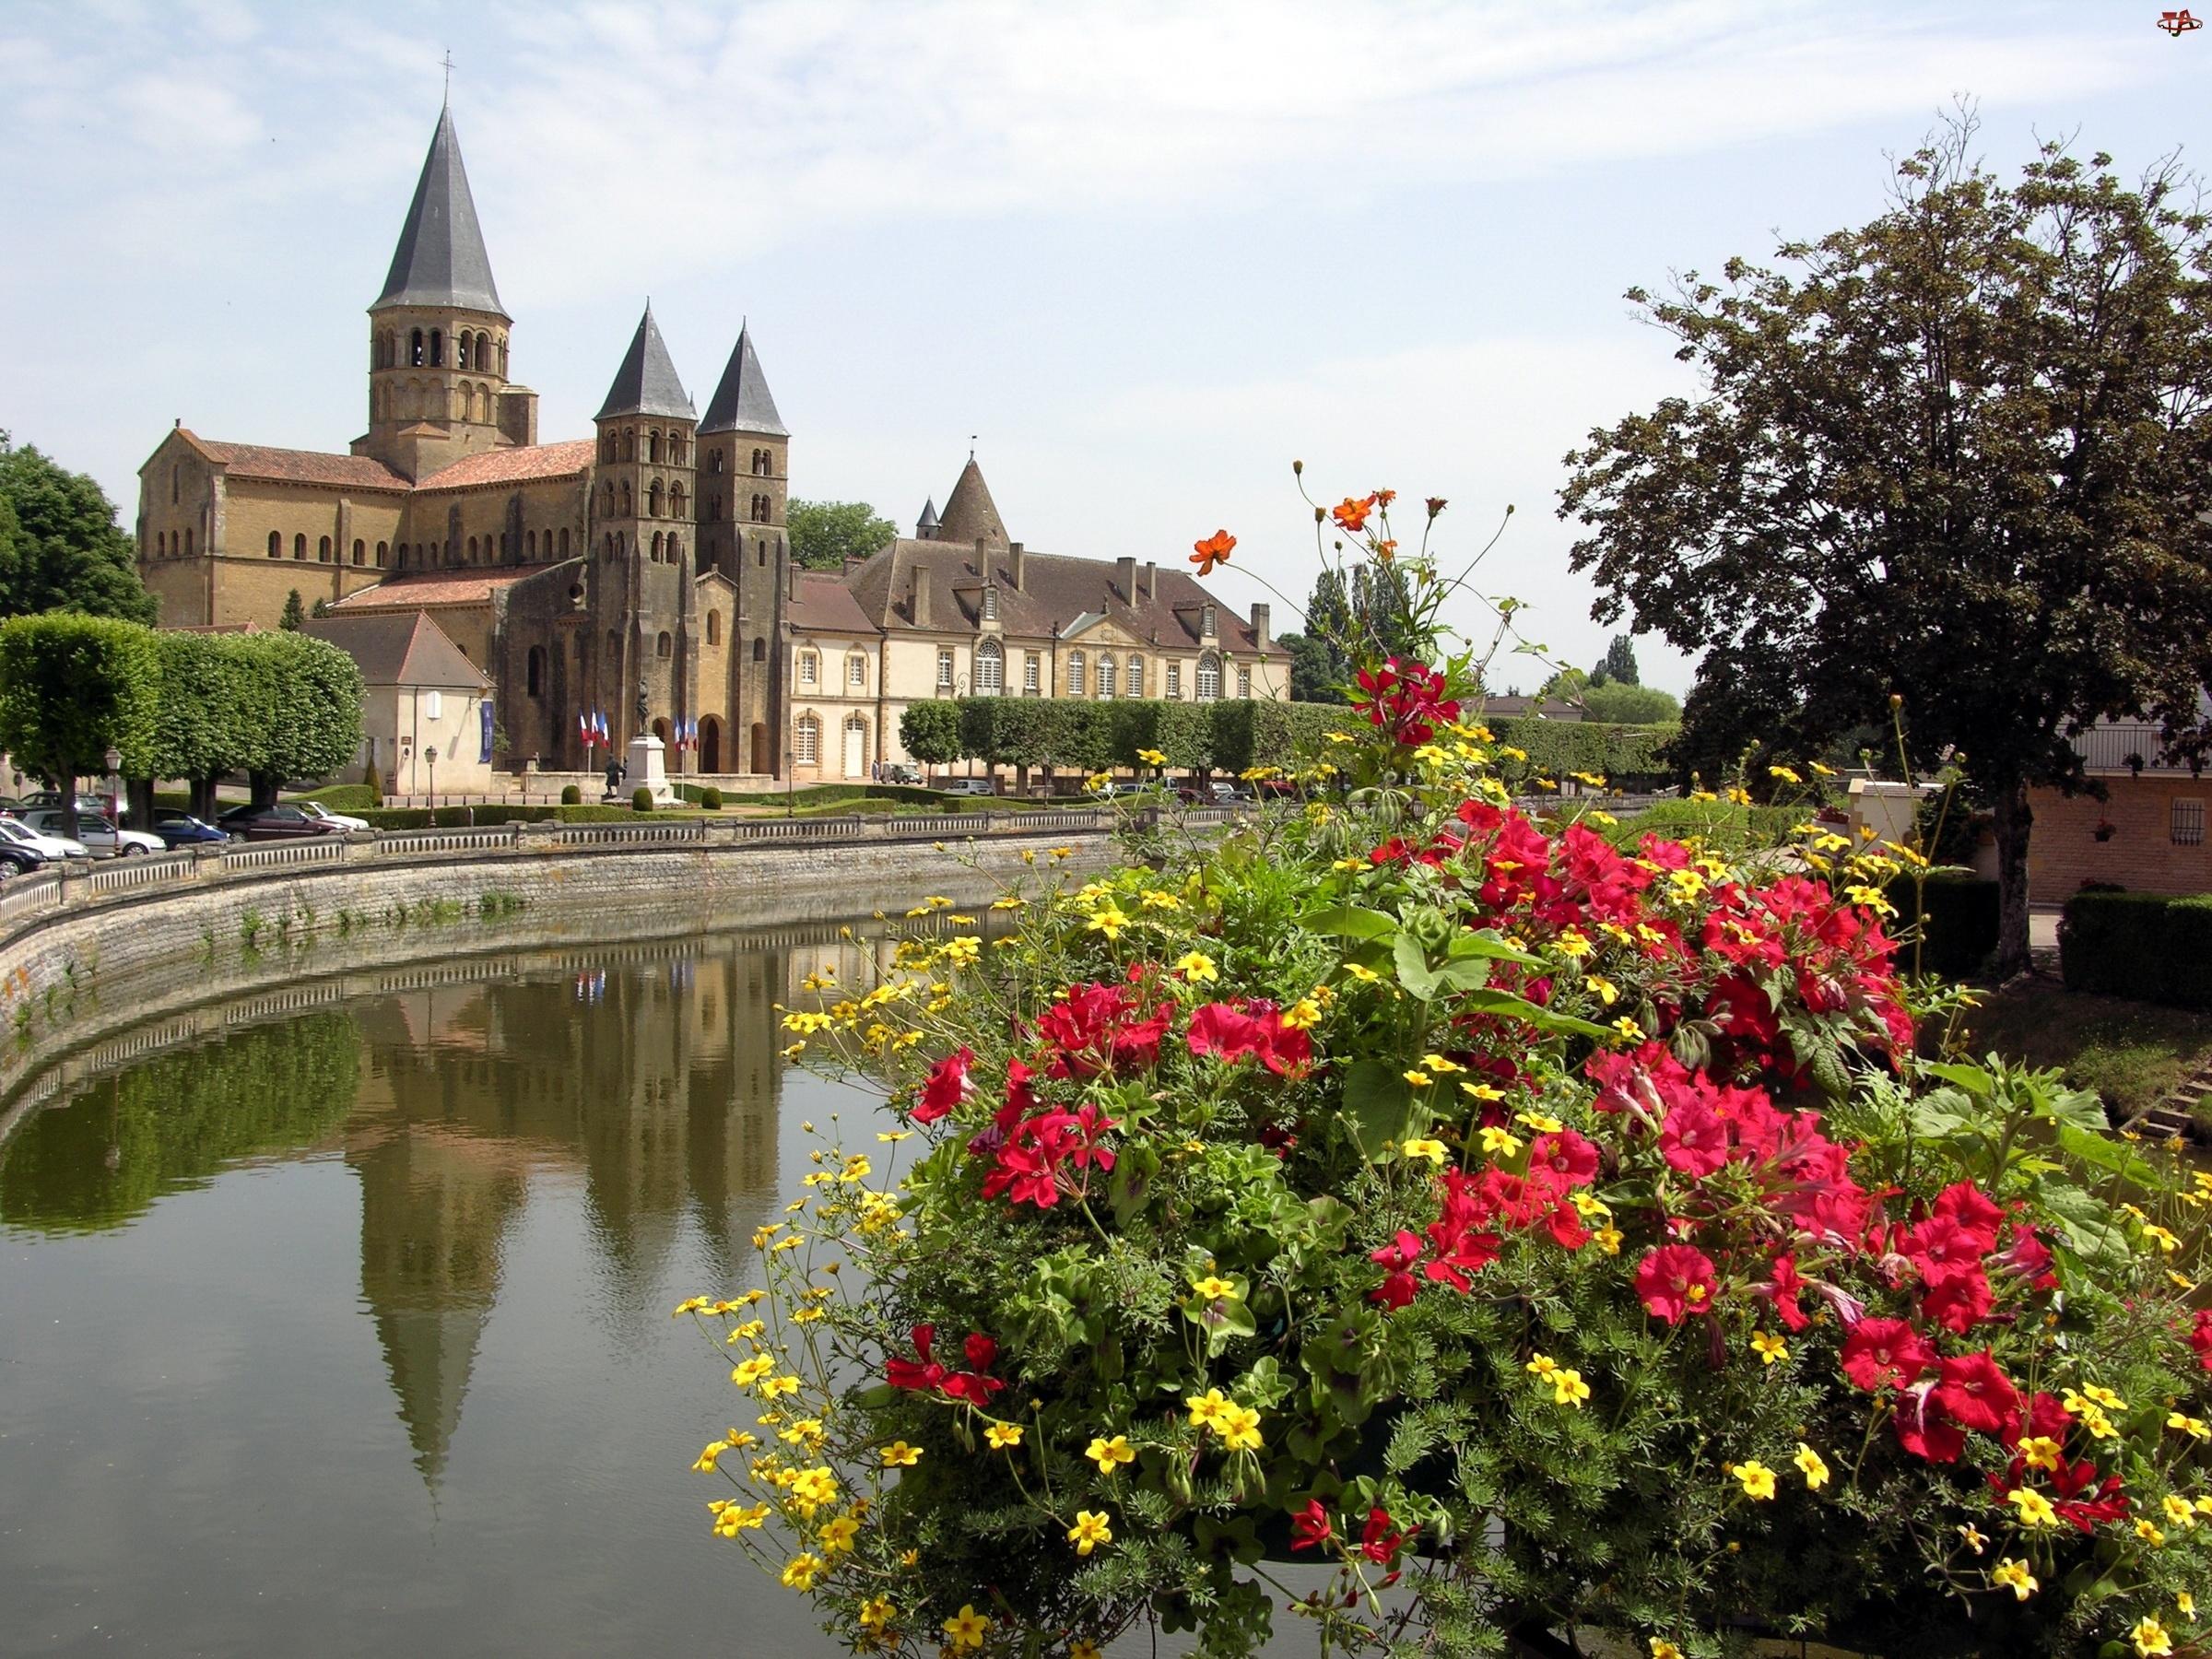 Le Monial, Rzeka, Burgundia, Kwiaty, Parey, Zamek